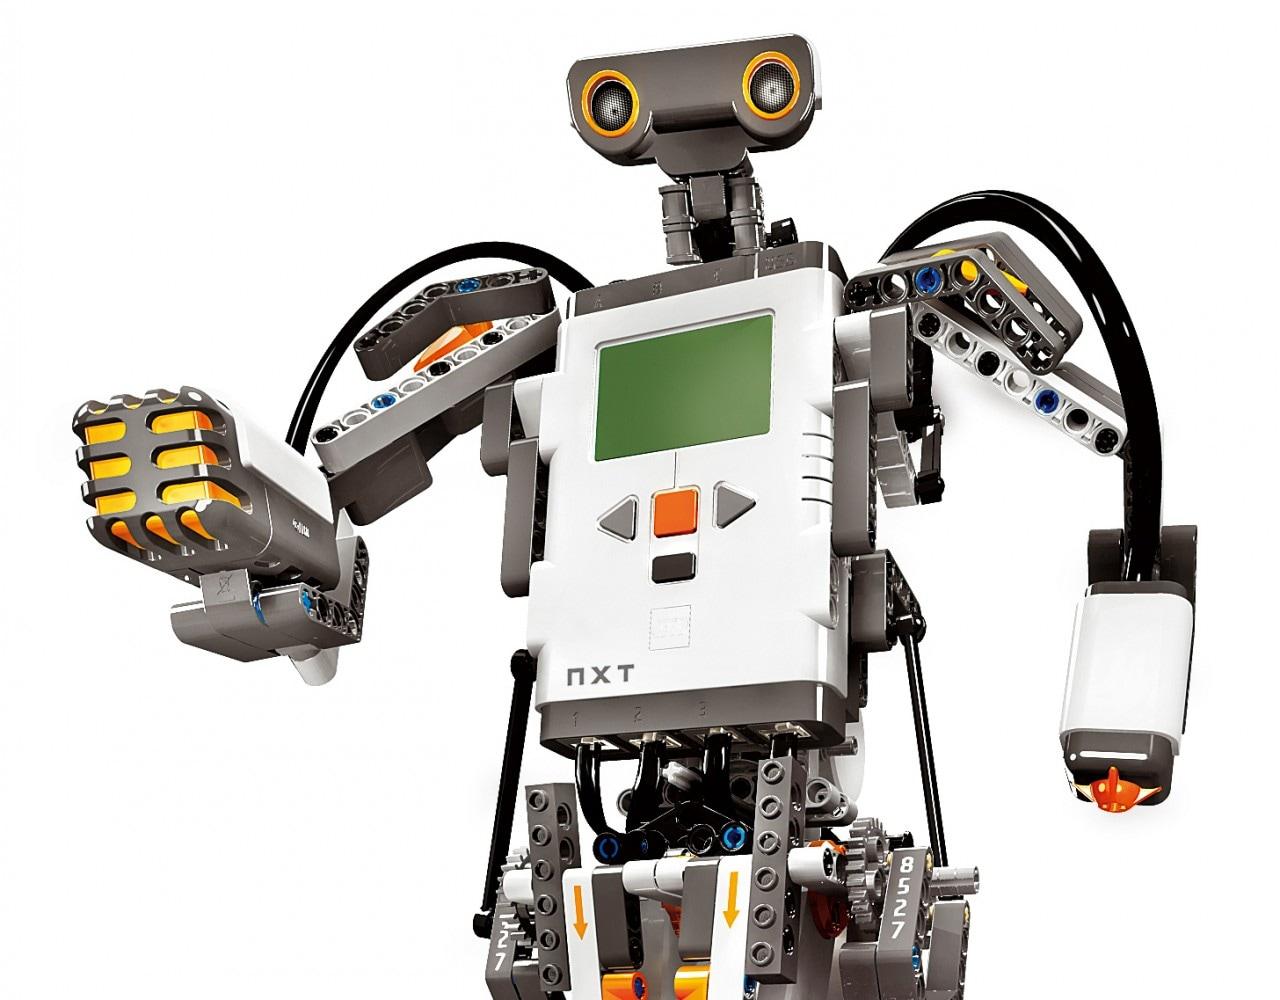 LEGO_Mindstorms